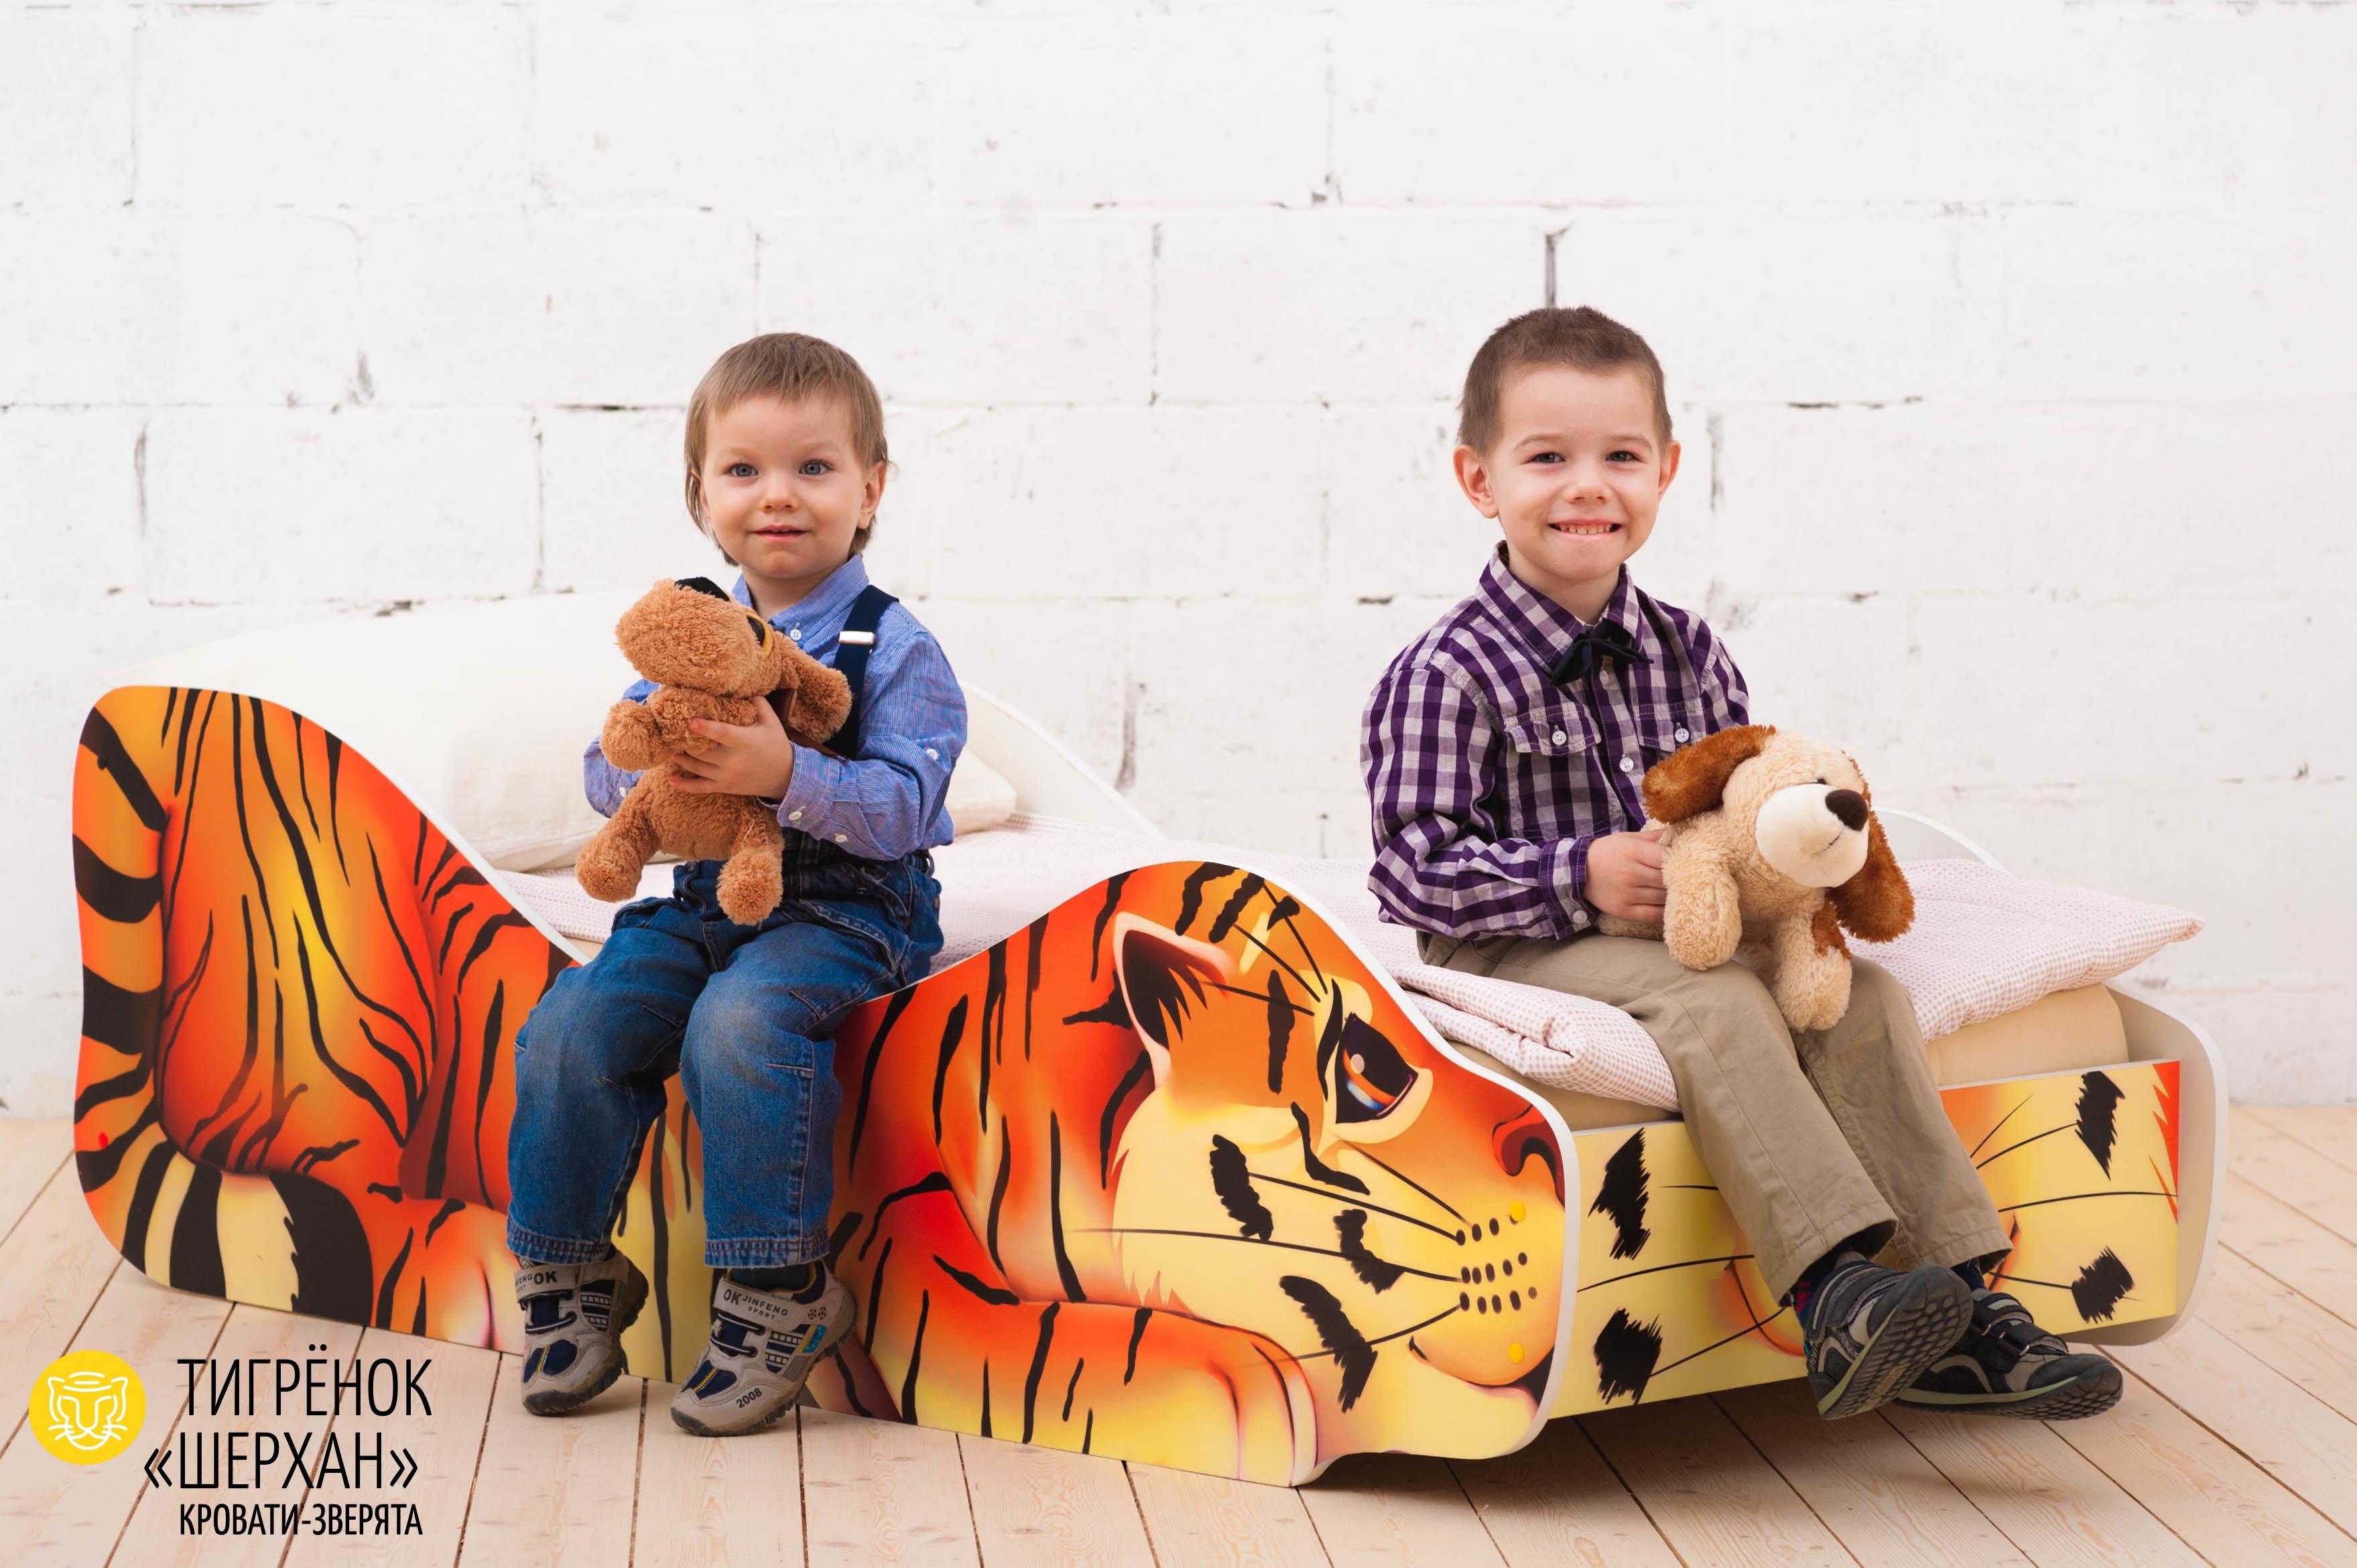 Детская кровать-зверенок -Тигренок-Шерхан-2